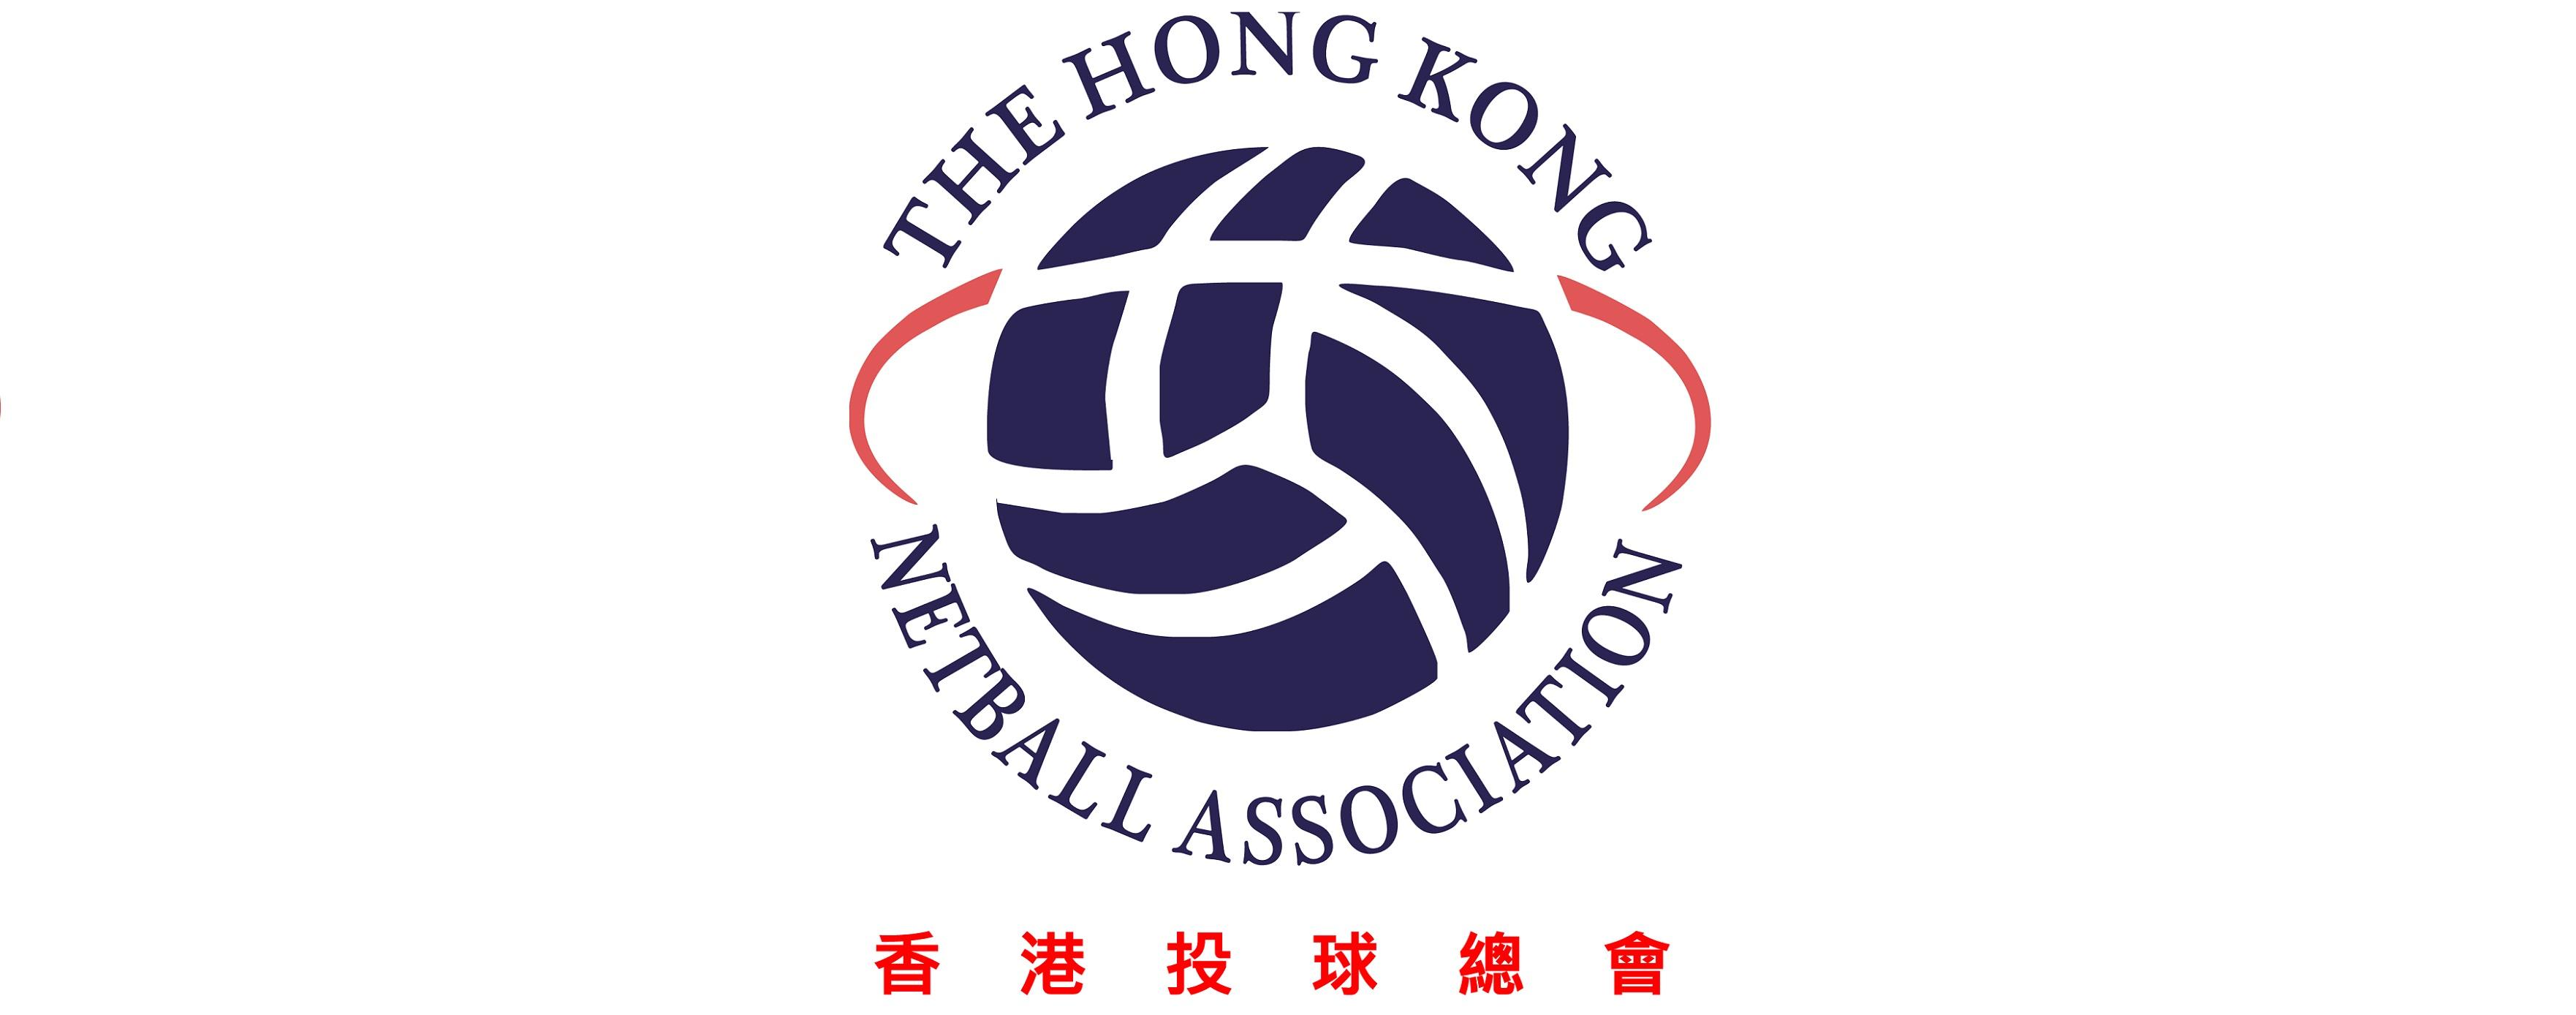 Hong-Kong-Netball-Association-Banner